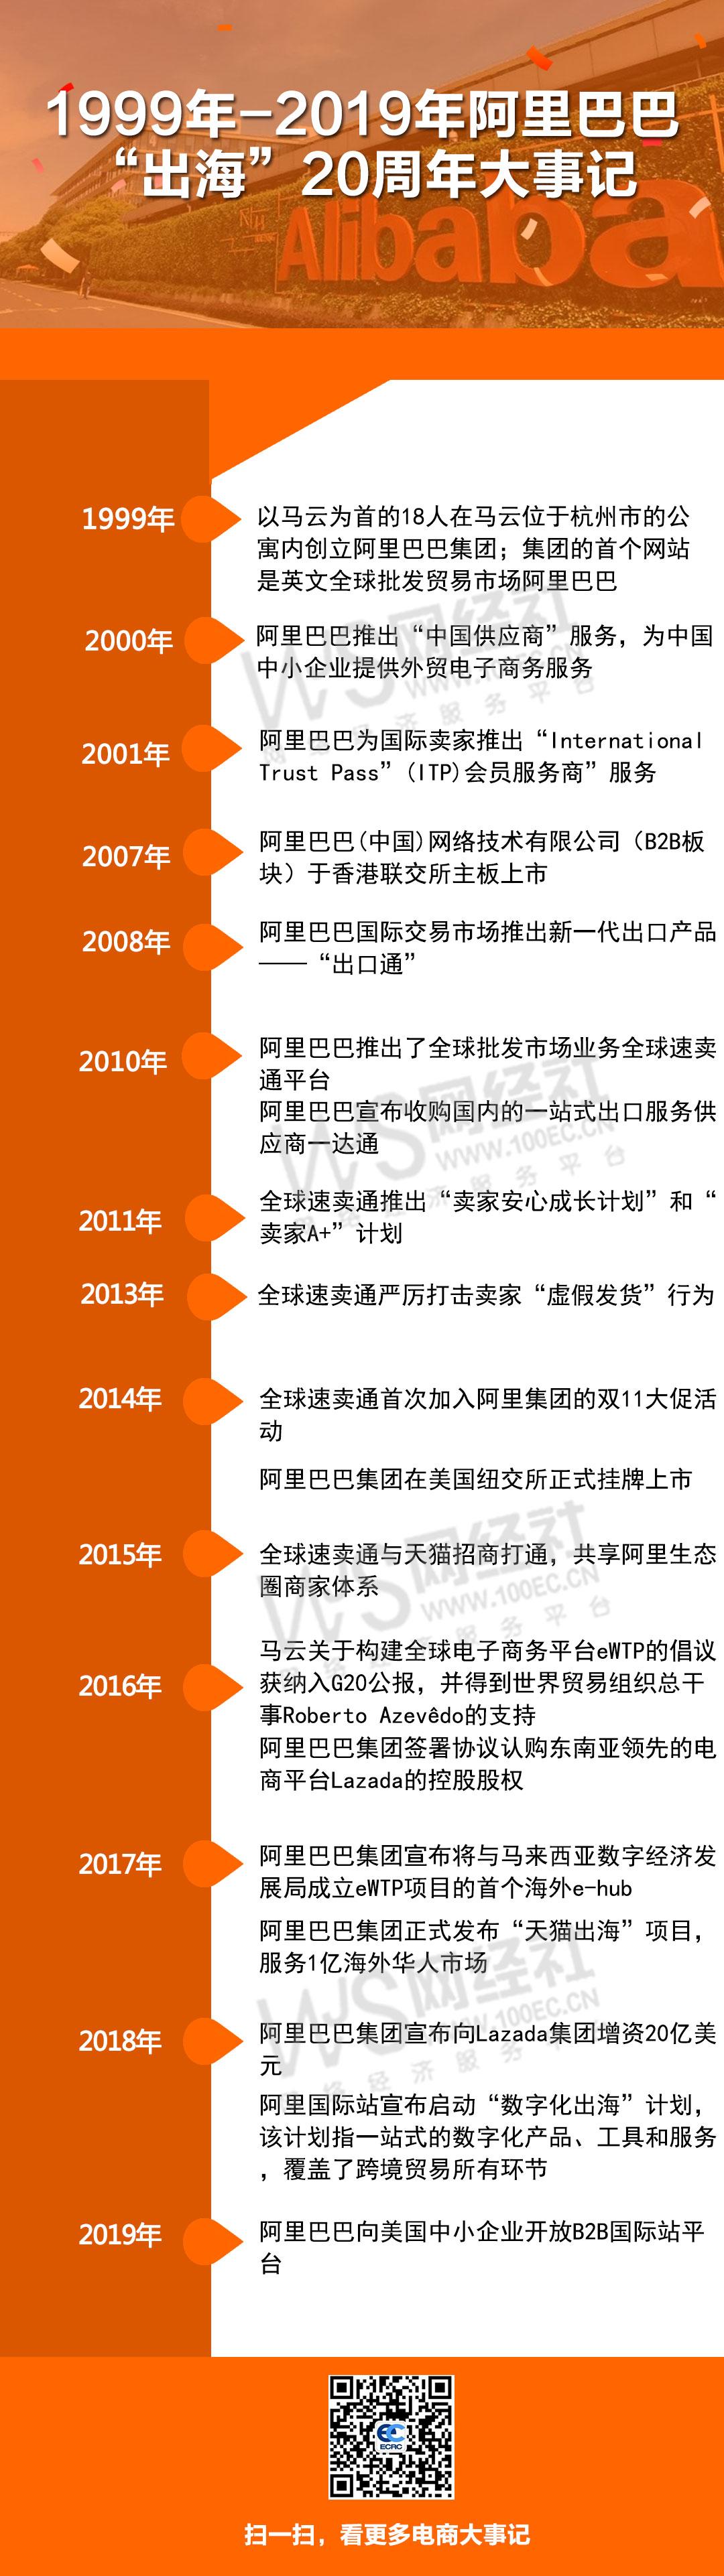 1999-2019阿里出海20周年大事记.jpg